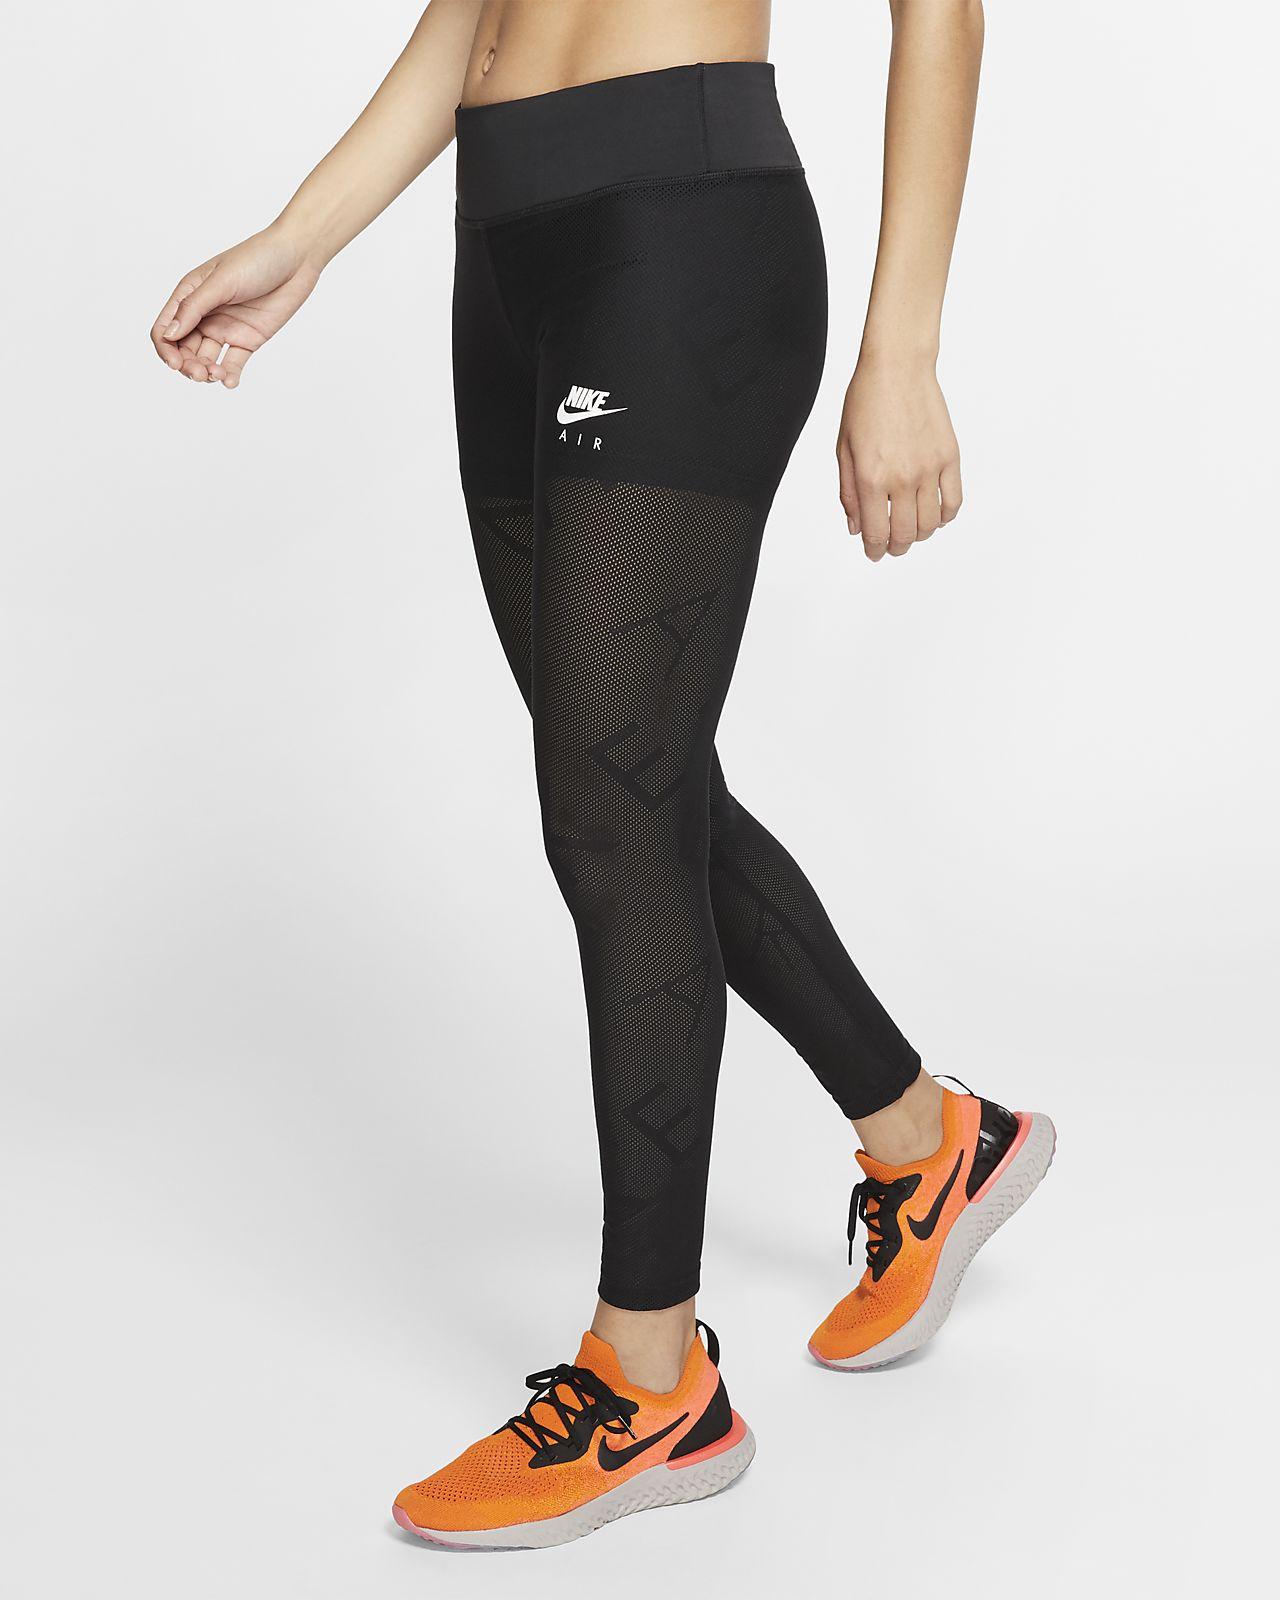 Tights de running de malha a 7/8 Nike Air para mulher